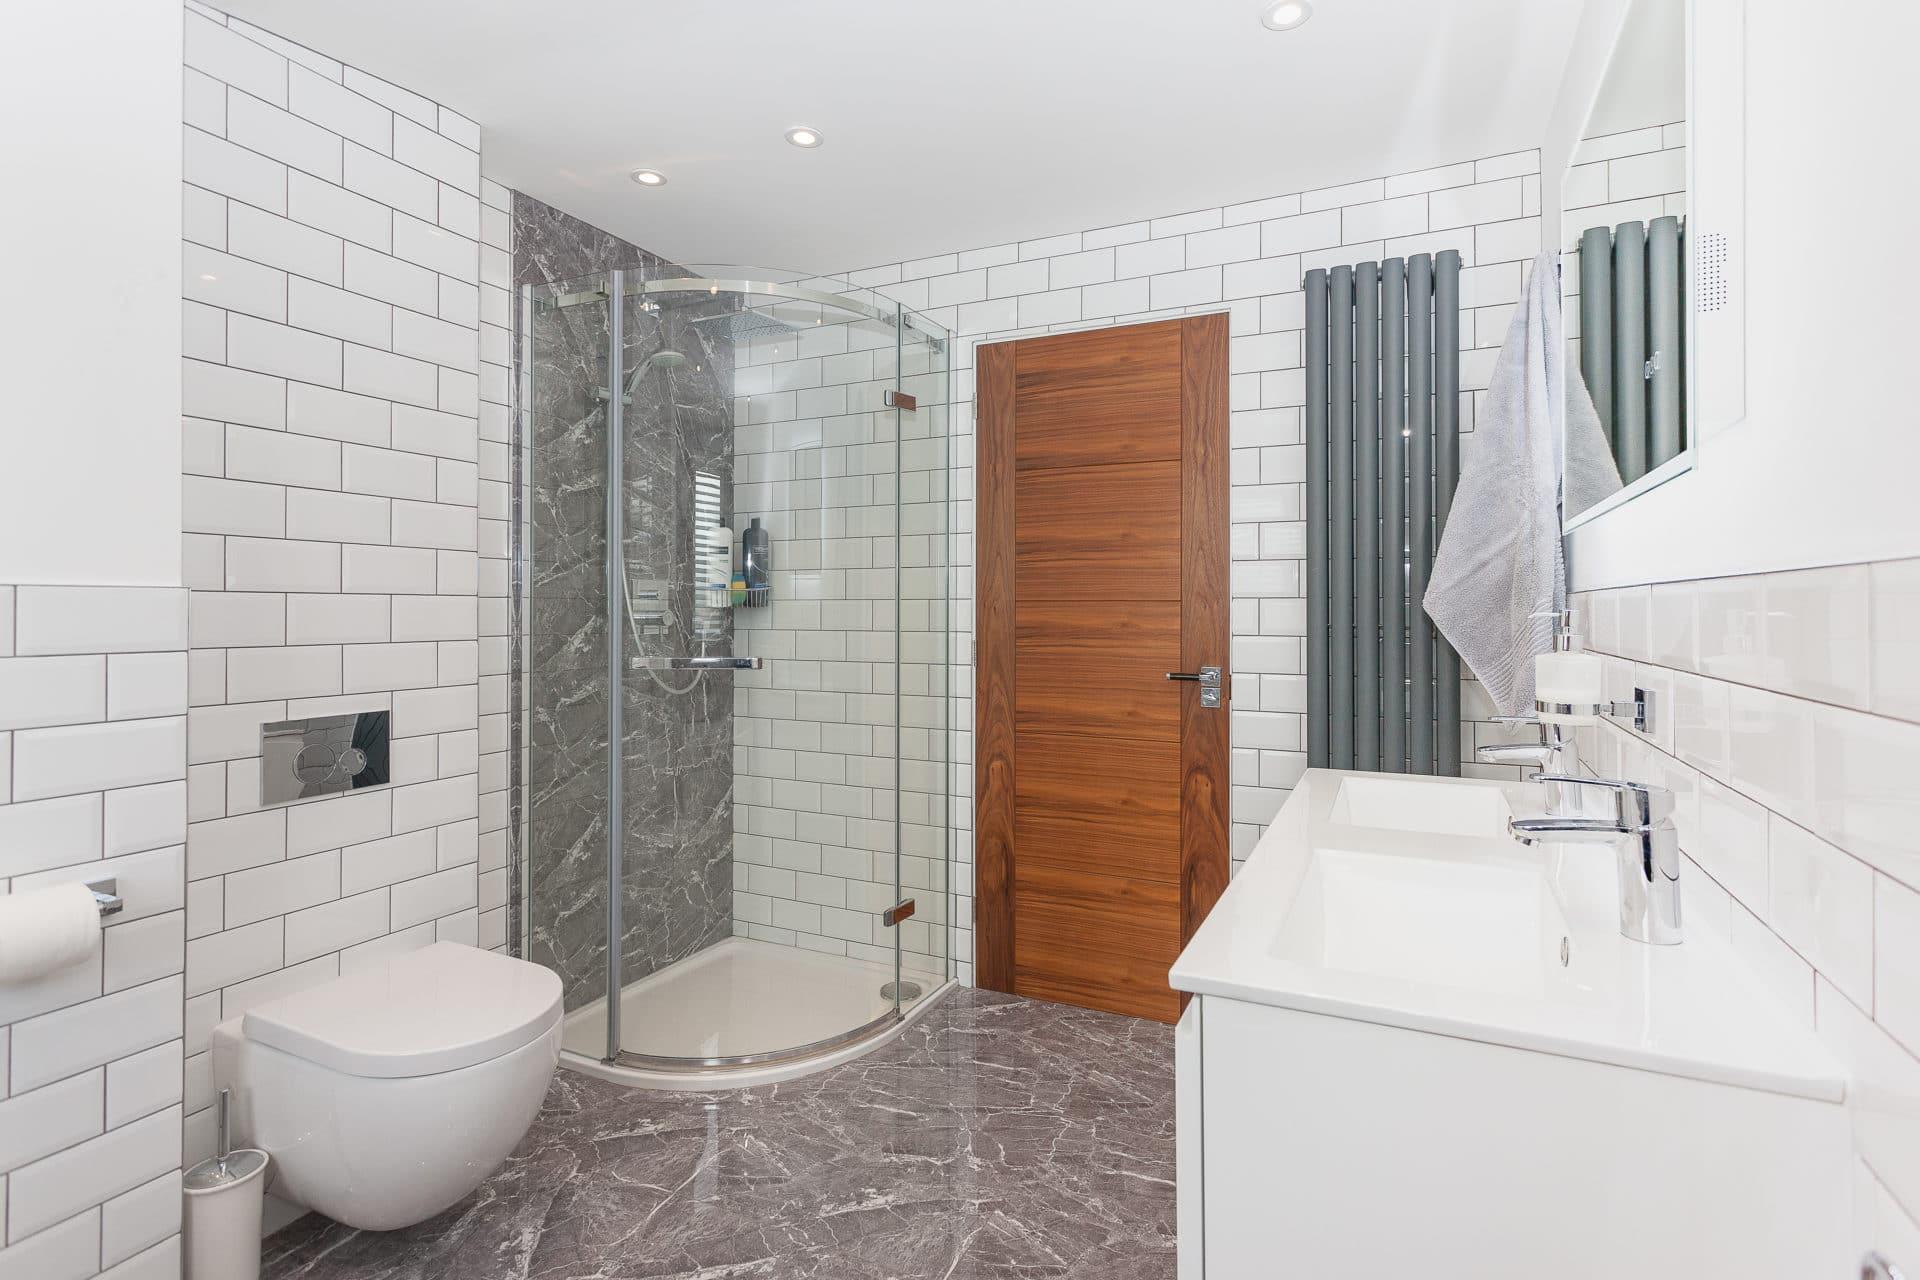 Neils-shower-room-durham